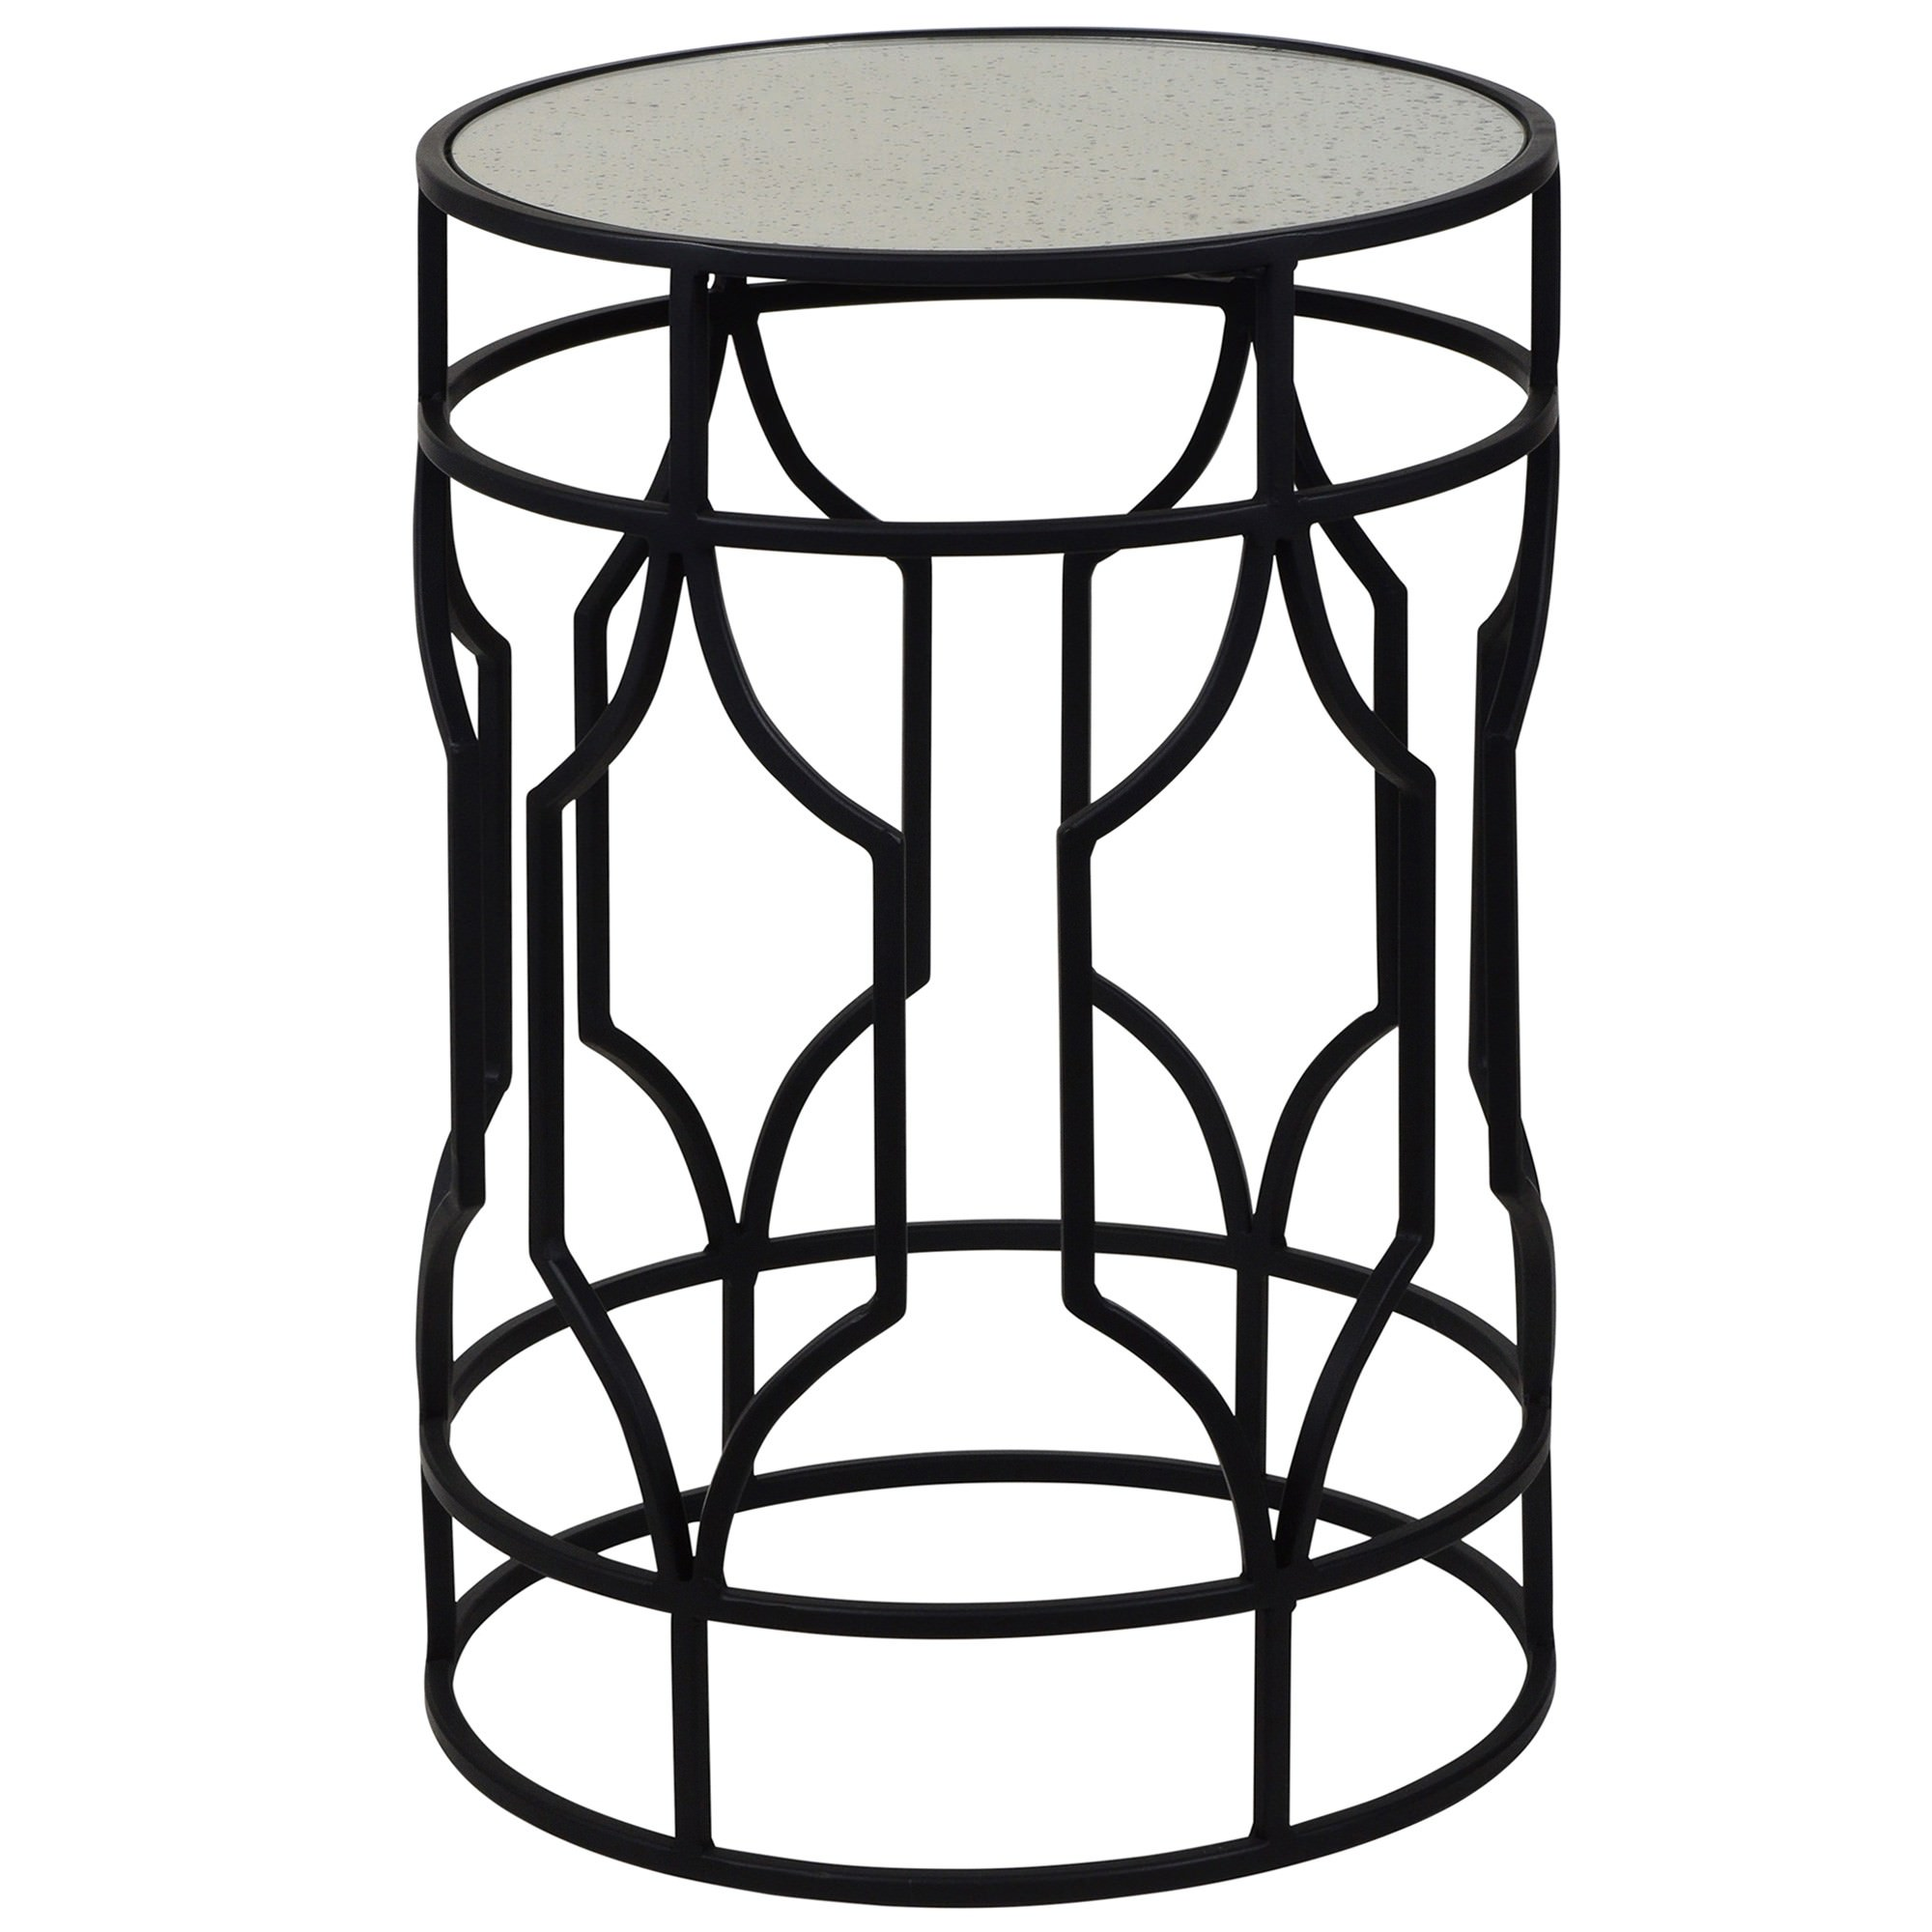 Zara Mirror Topped Iron Round Side Table, Black